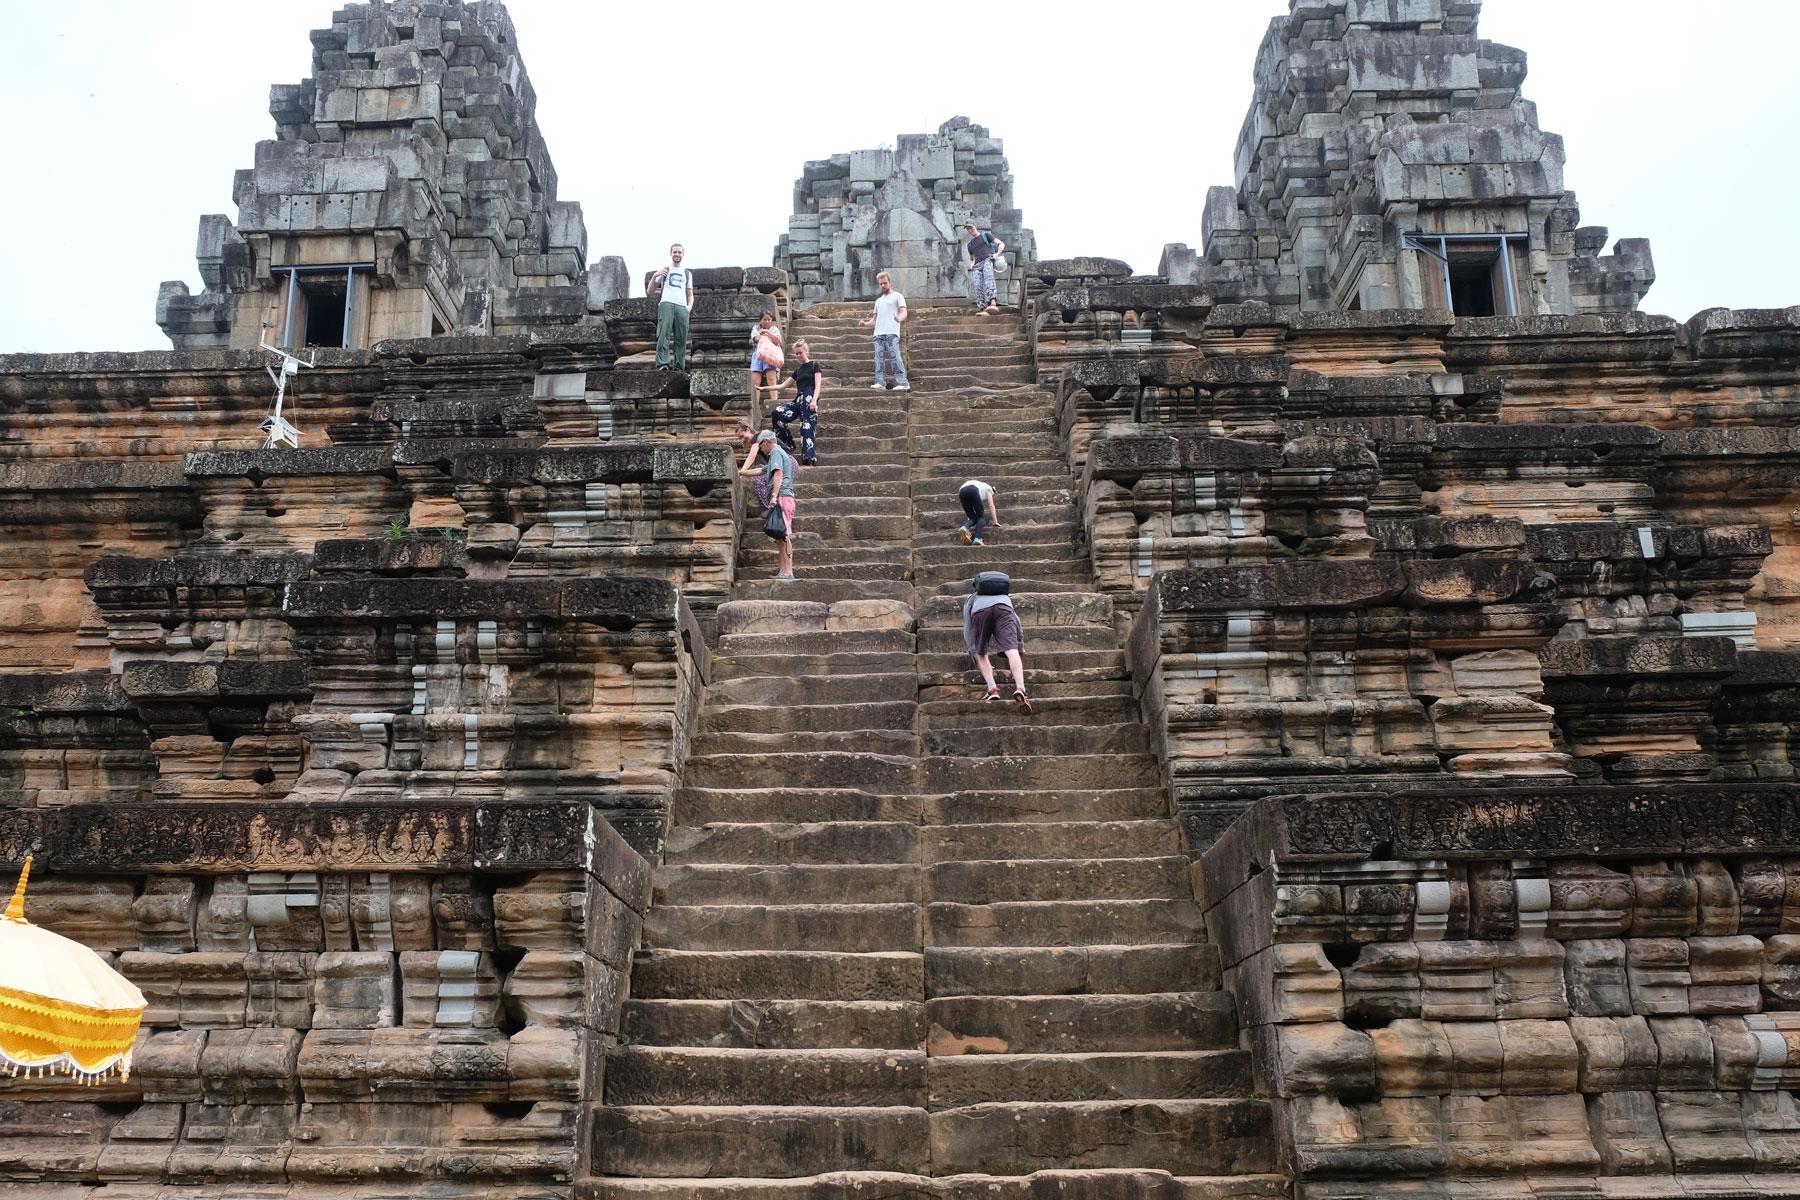 Sebastian steht auf der extrem steilen Treppe vom Tempel Ta Keo in Angkor Wat